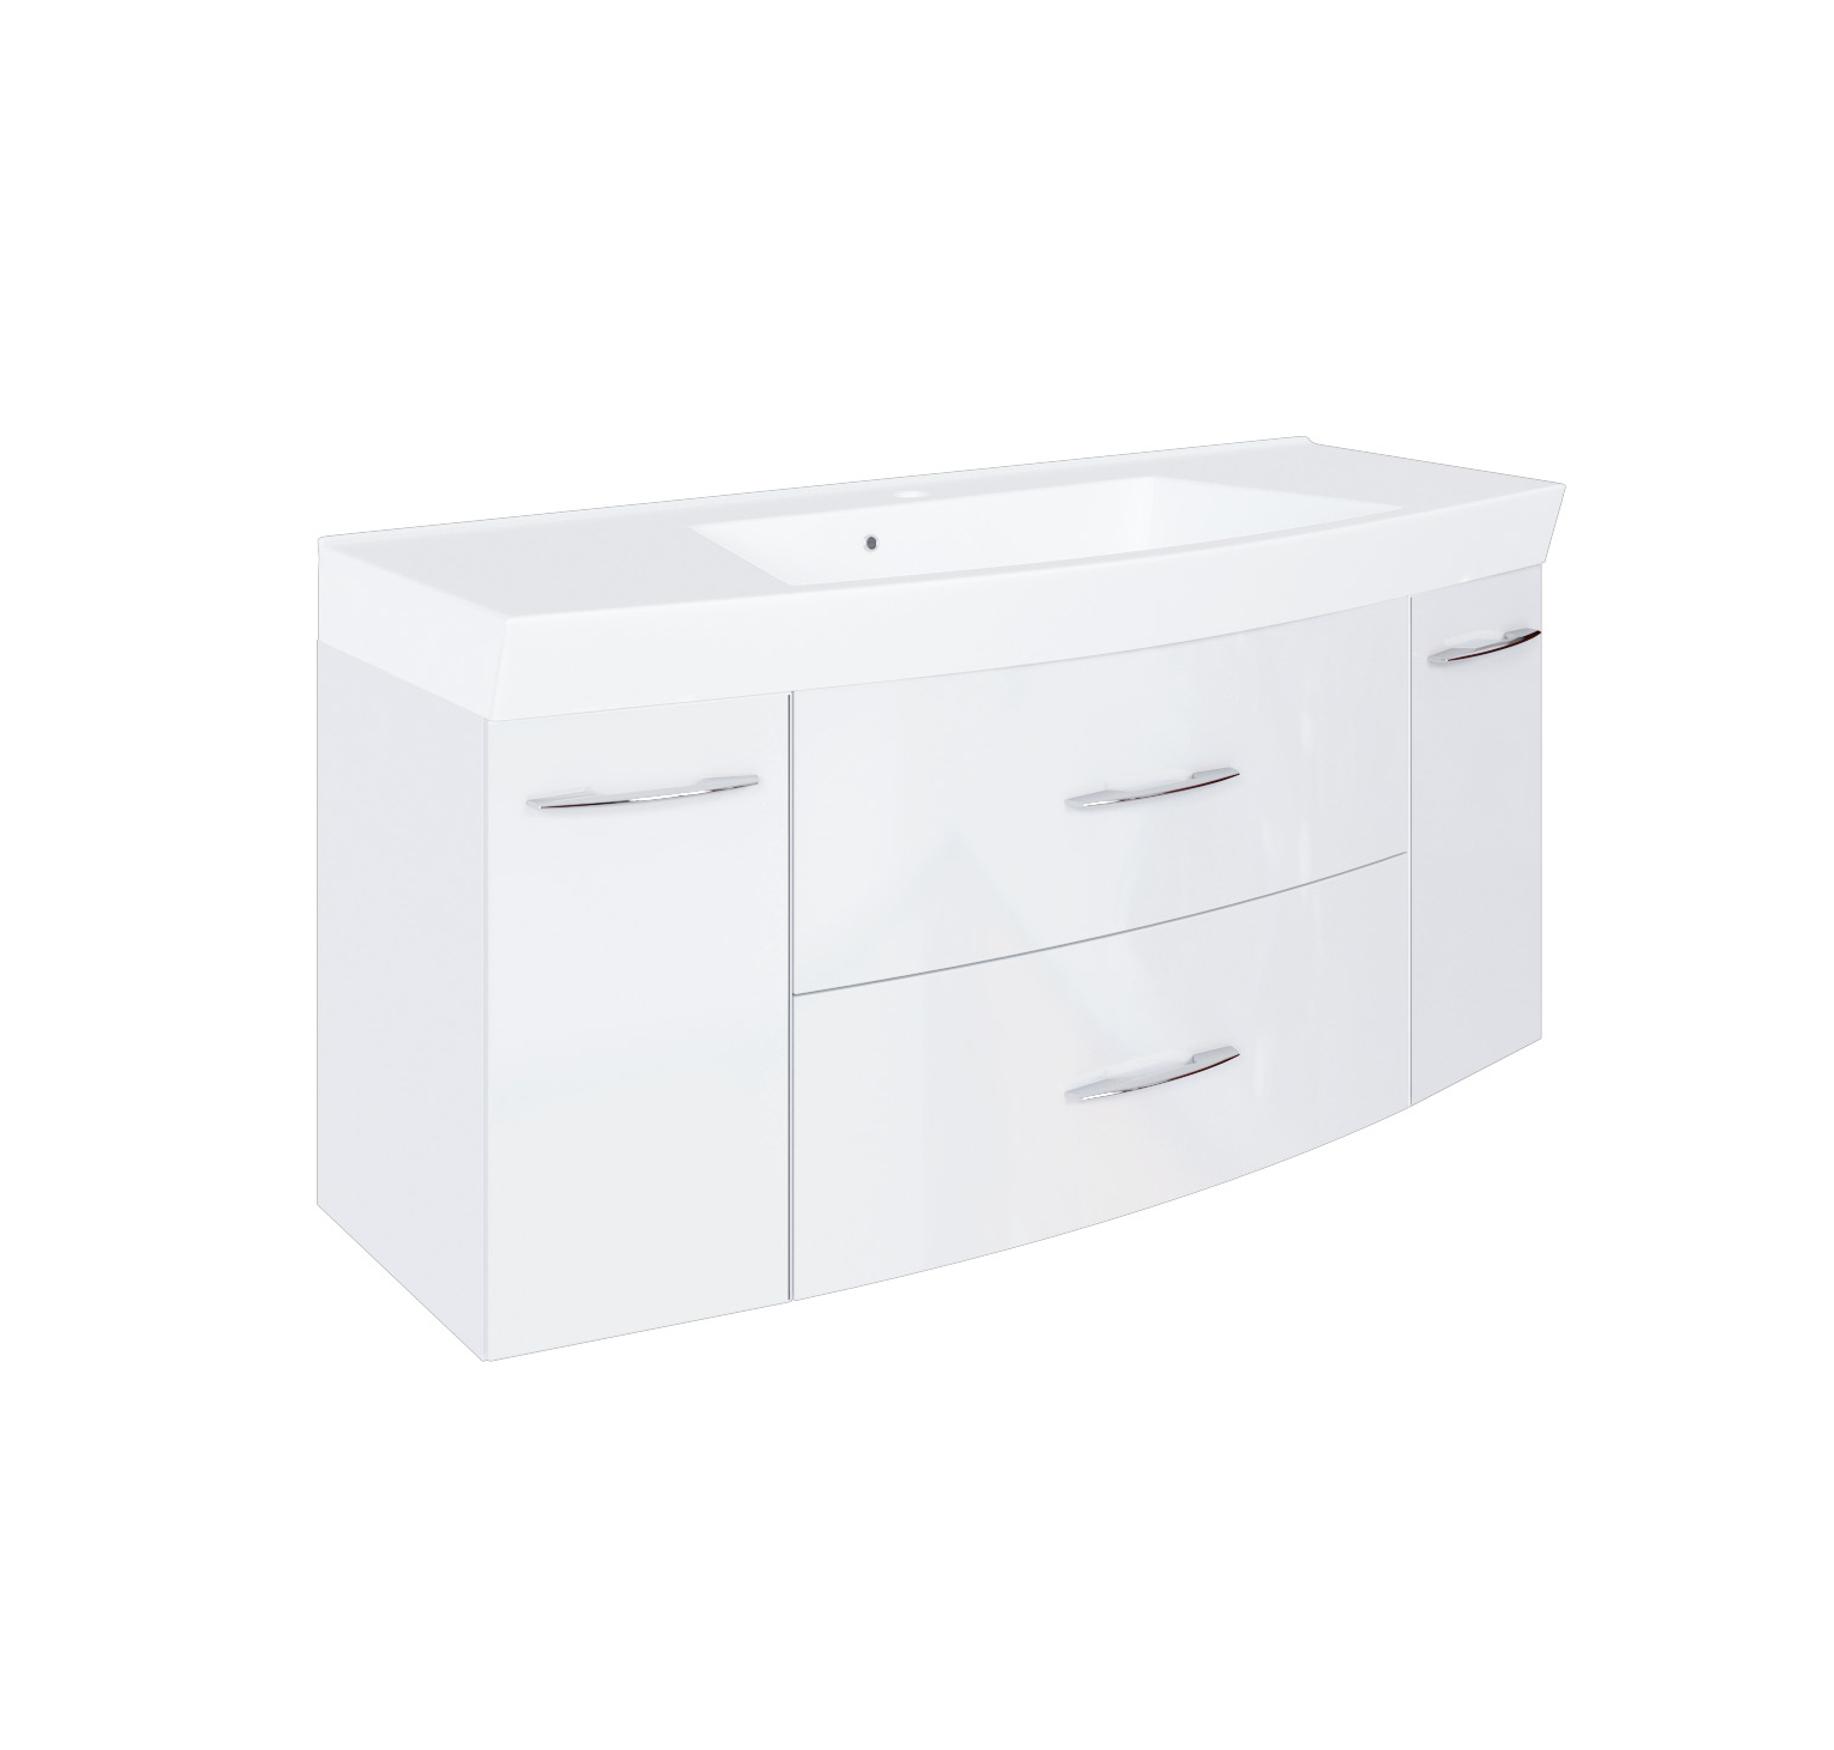 waschbeckenunterschrank mit waschbecken waschtisch 120 cm hochglanz weiss ebay. Black Bedroom Furniture Sets. Home Design Ideas